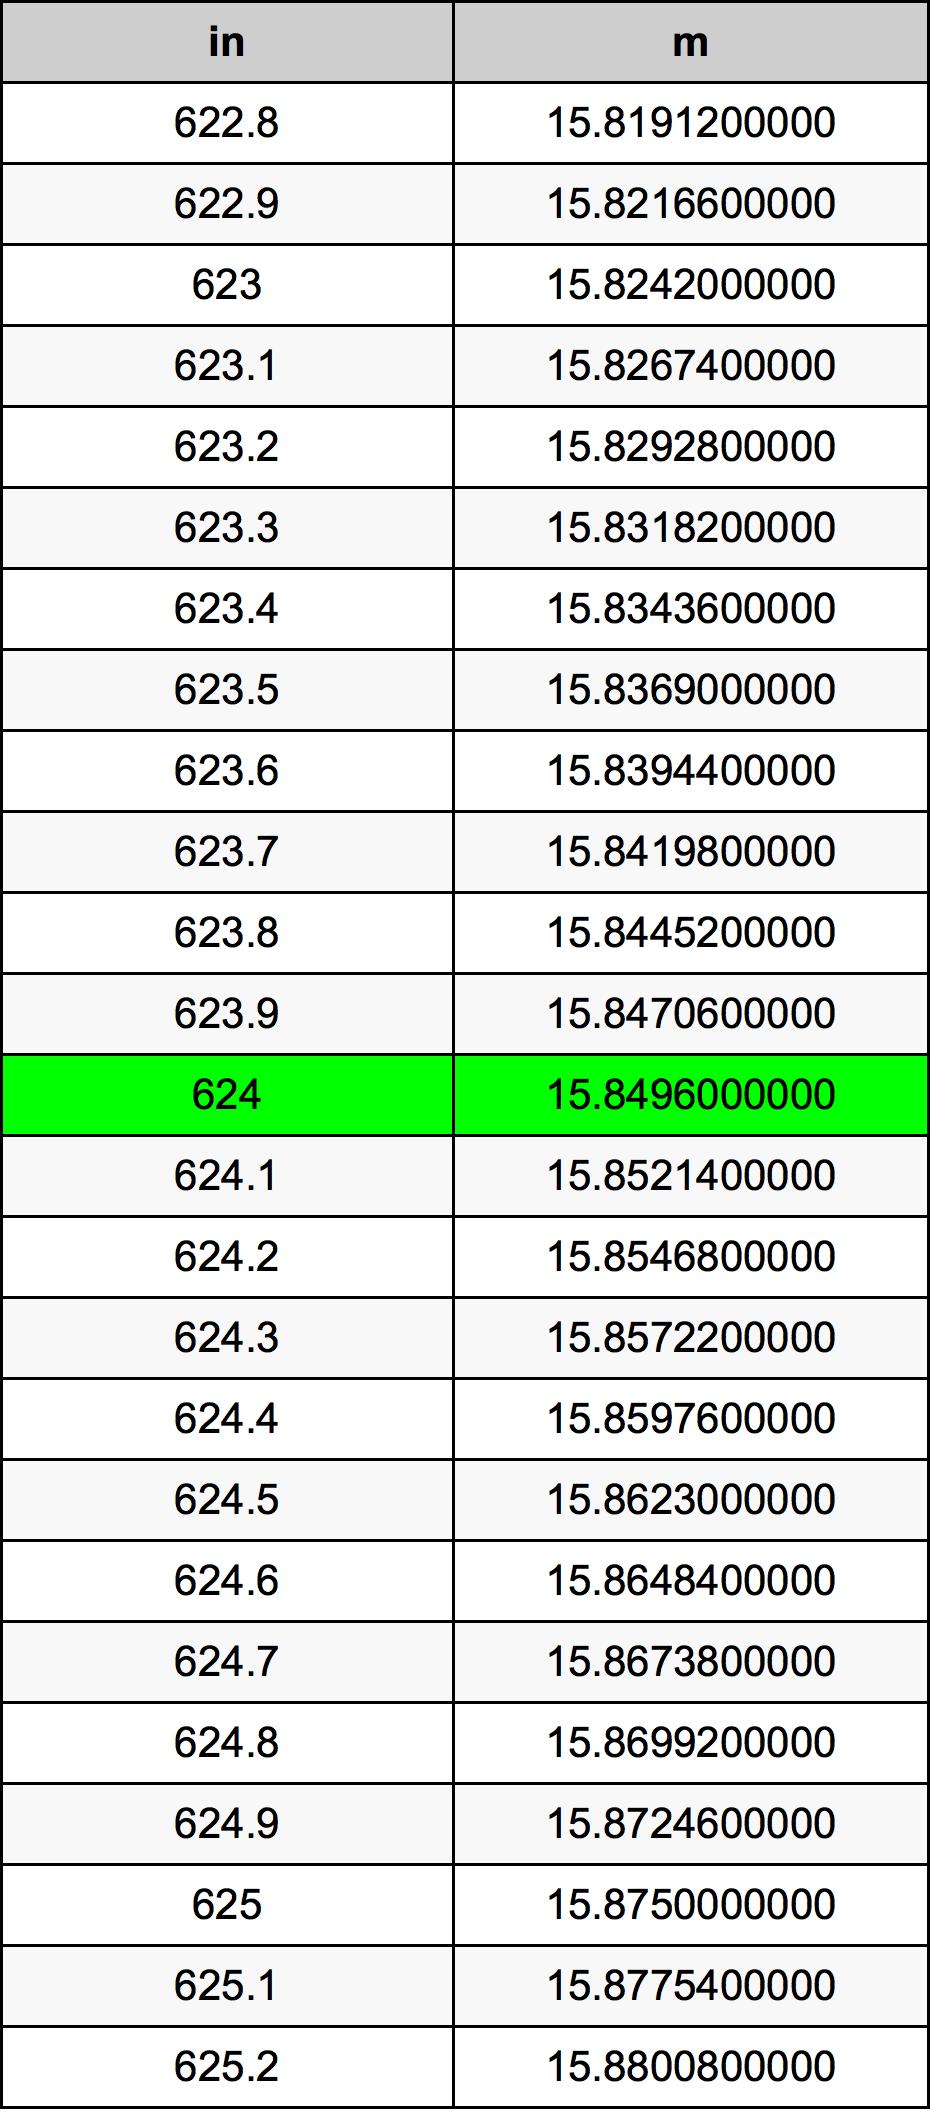 624 Țol tabelul de conversie